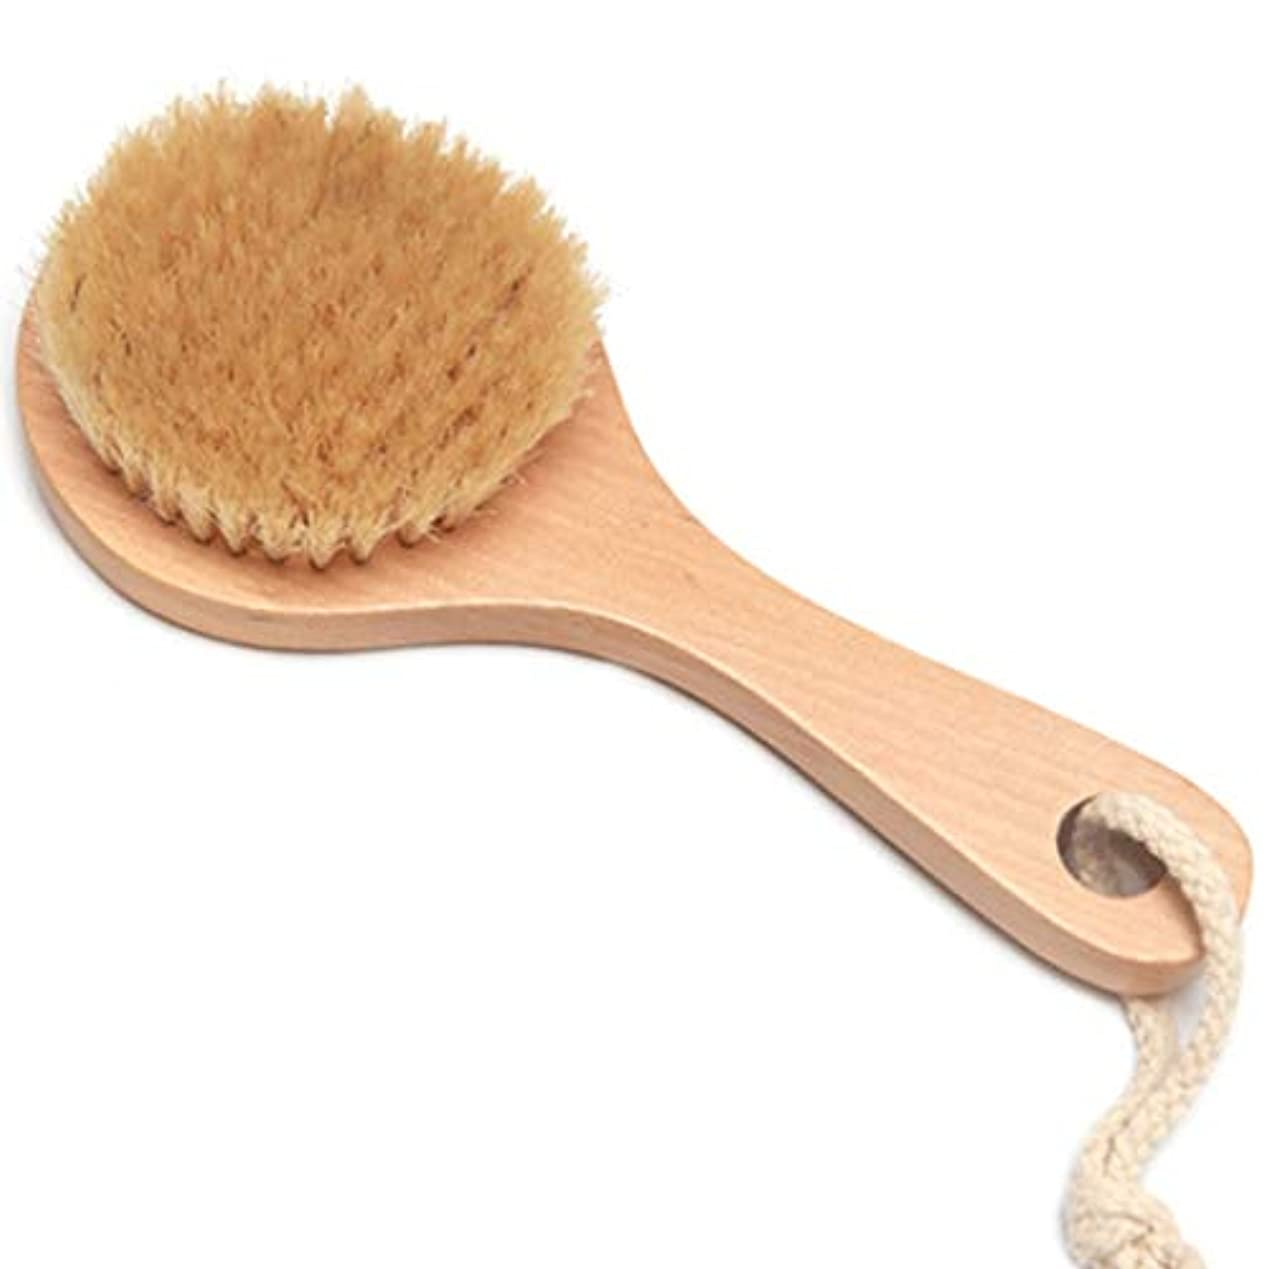 コスチュームアニメーションスリルバスブラシバックブラシロングハンドルやわらかい毛髪バスブラシバスブラシ角質除去クリーニングブラシ (Color : Wood color, Size : 20*7.5cm)